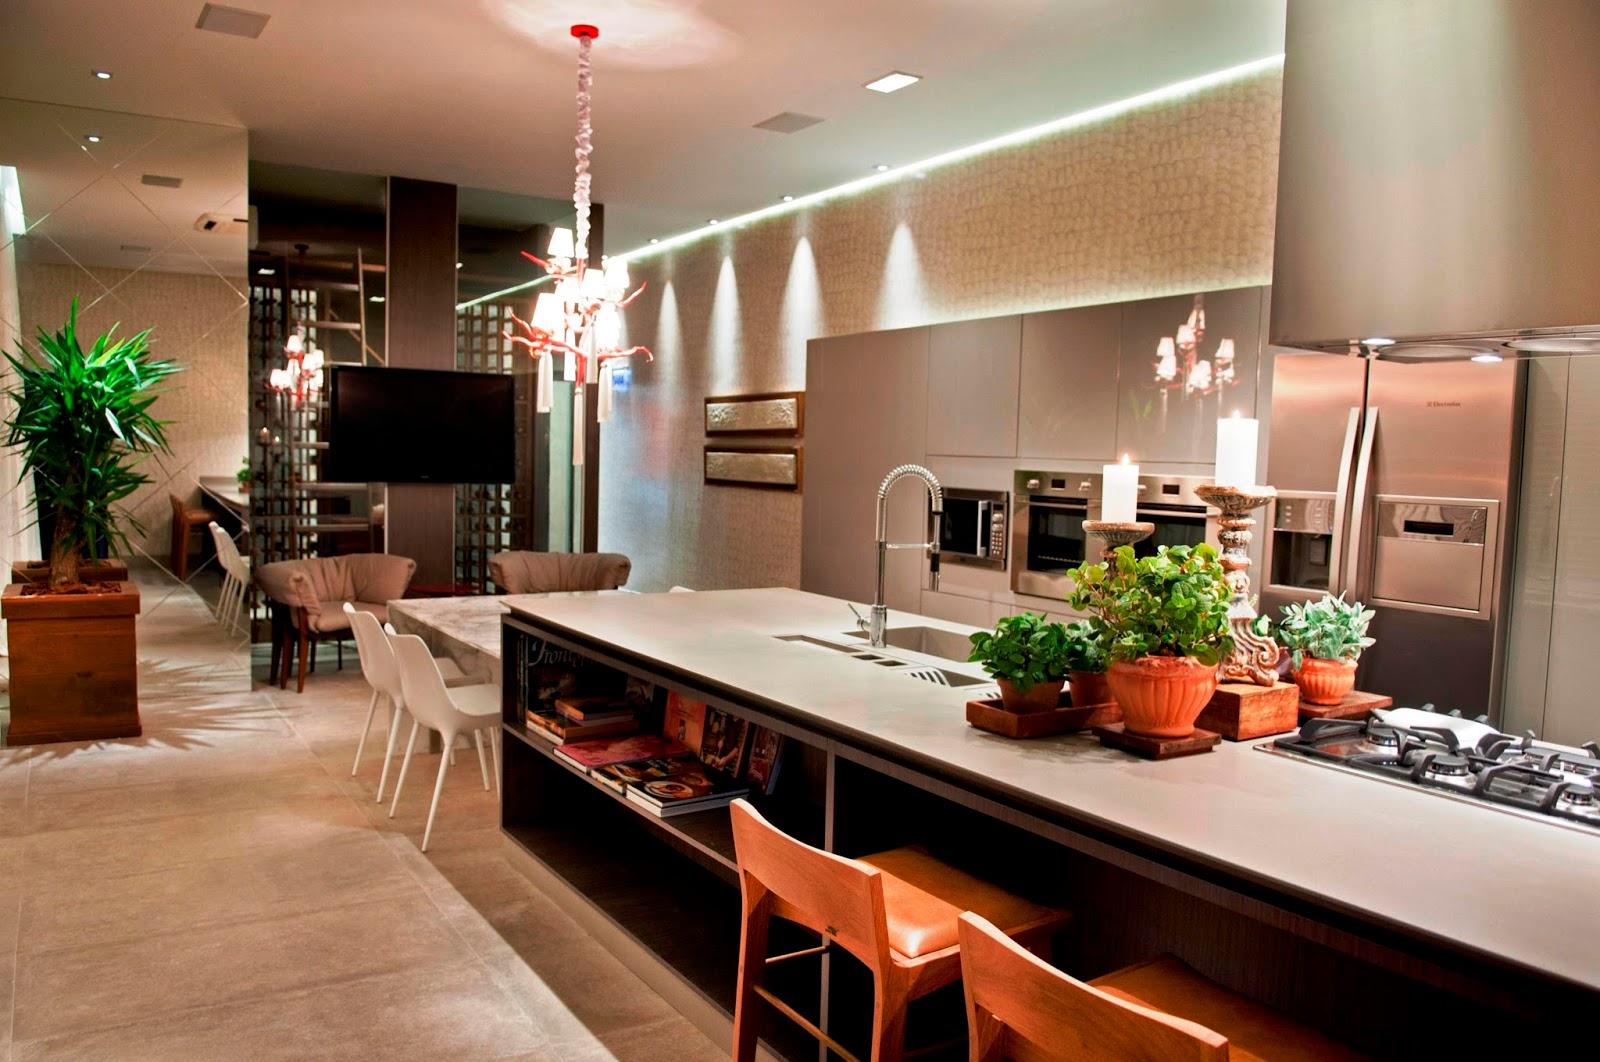 Cozinha Ilha Grande Beyato Com V Rios Desenhos Sobre Id Ias De